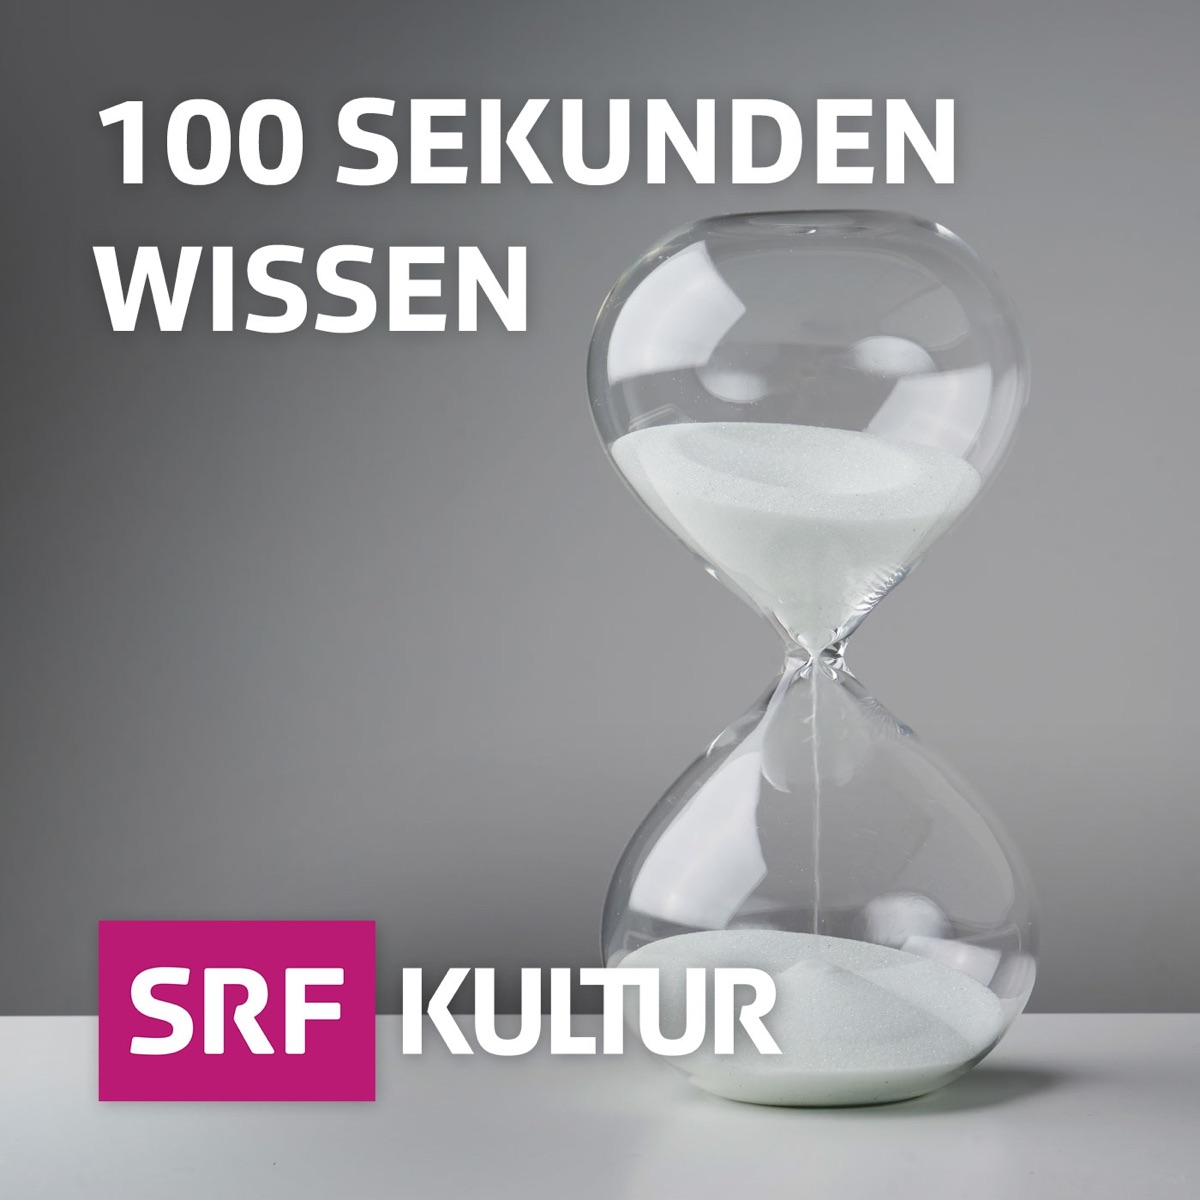 100 Sekunden Wissen